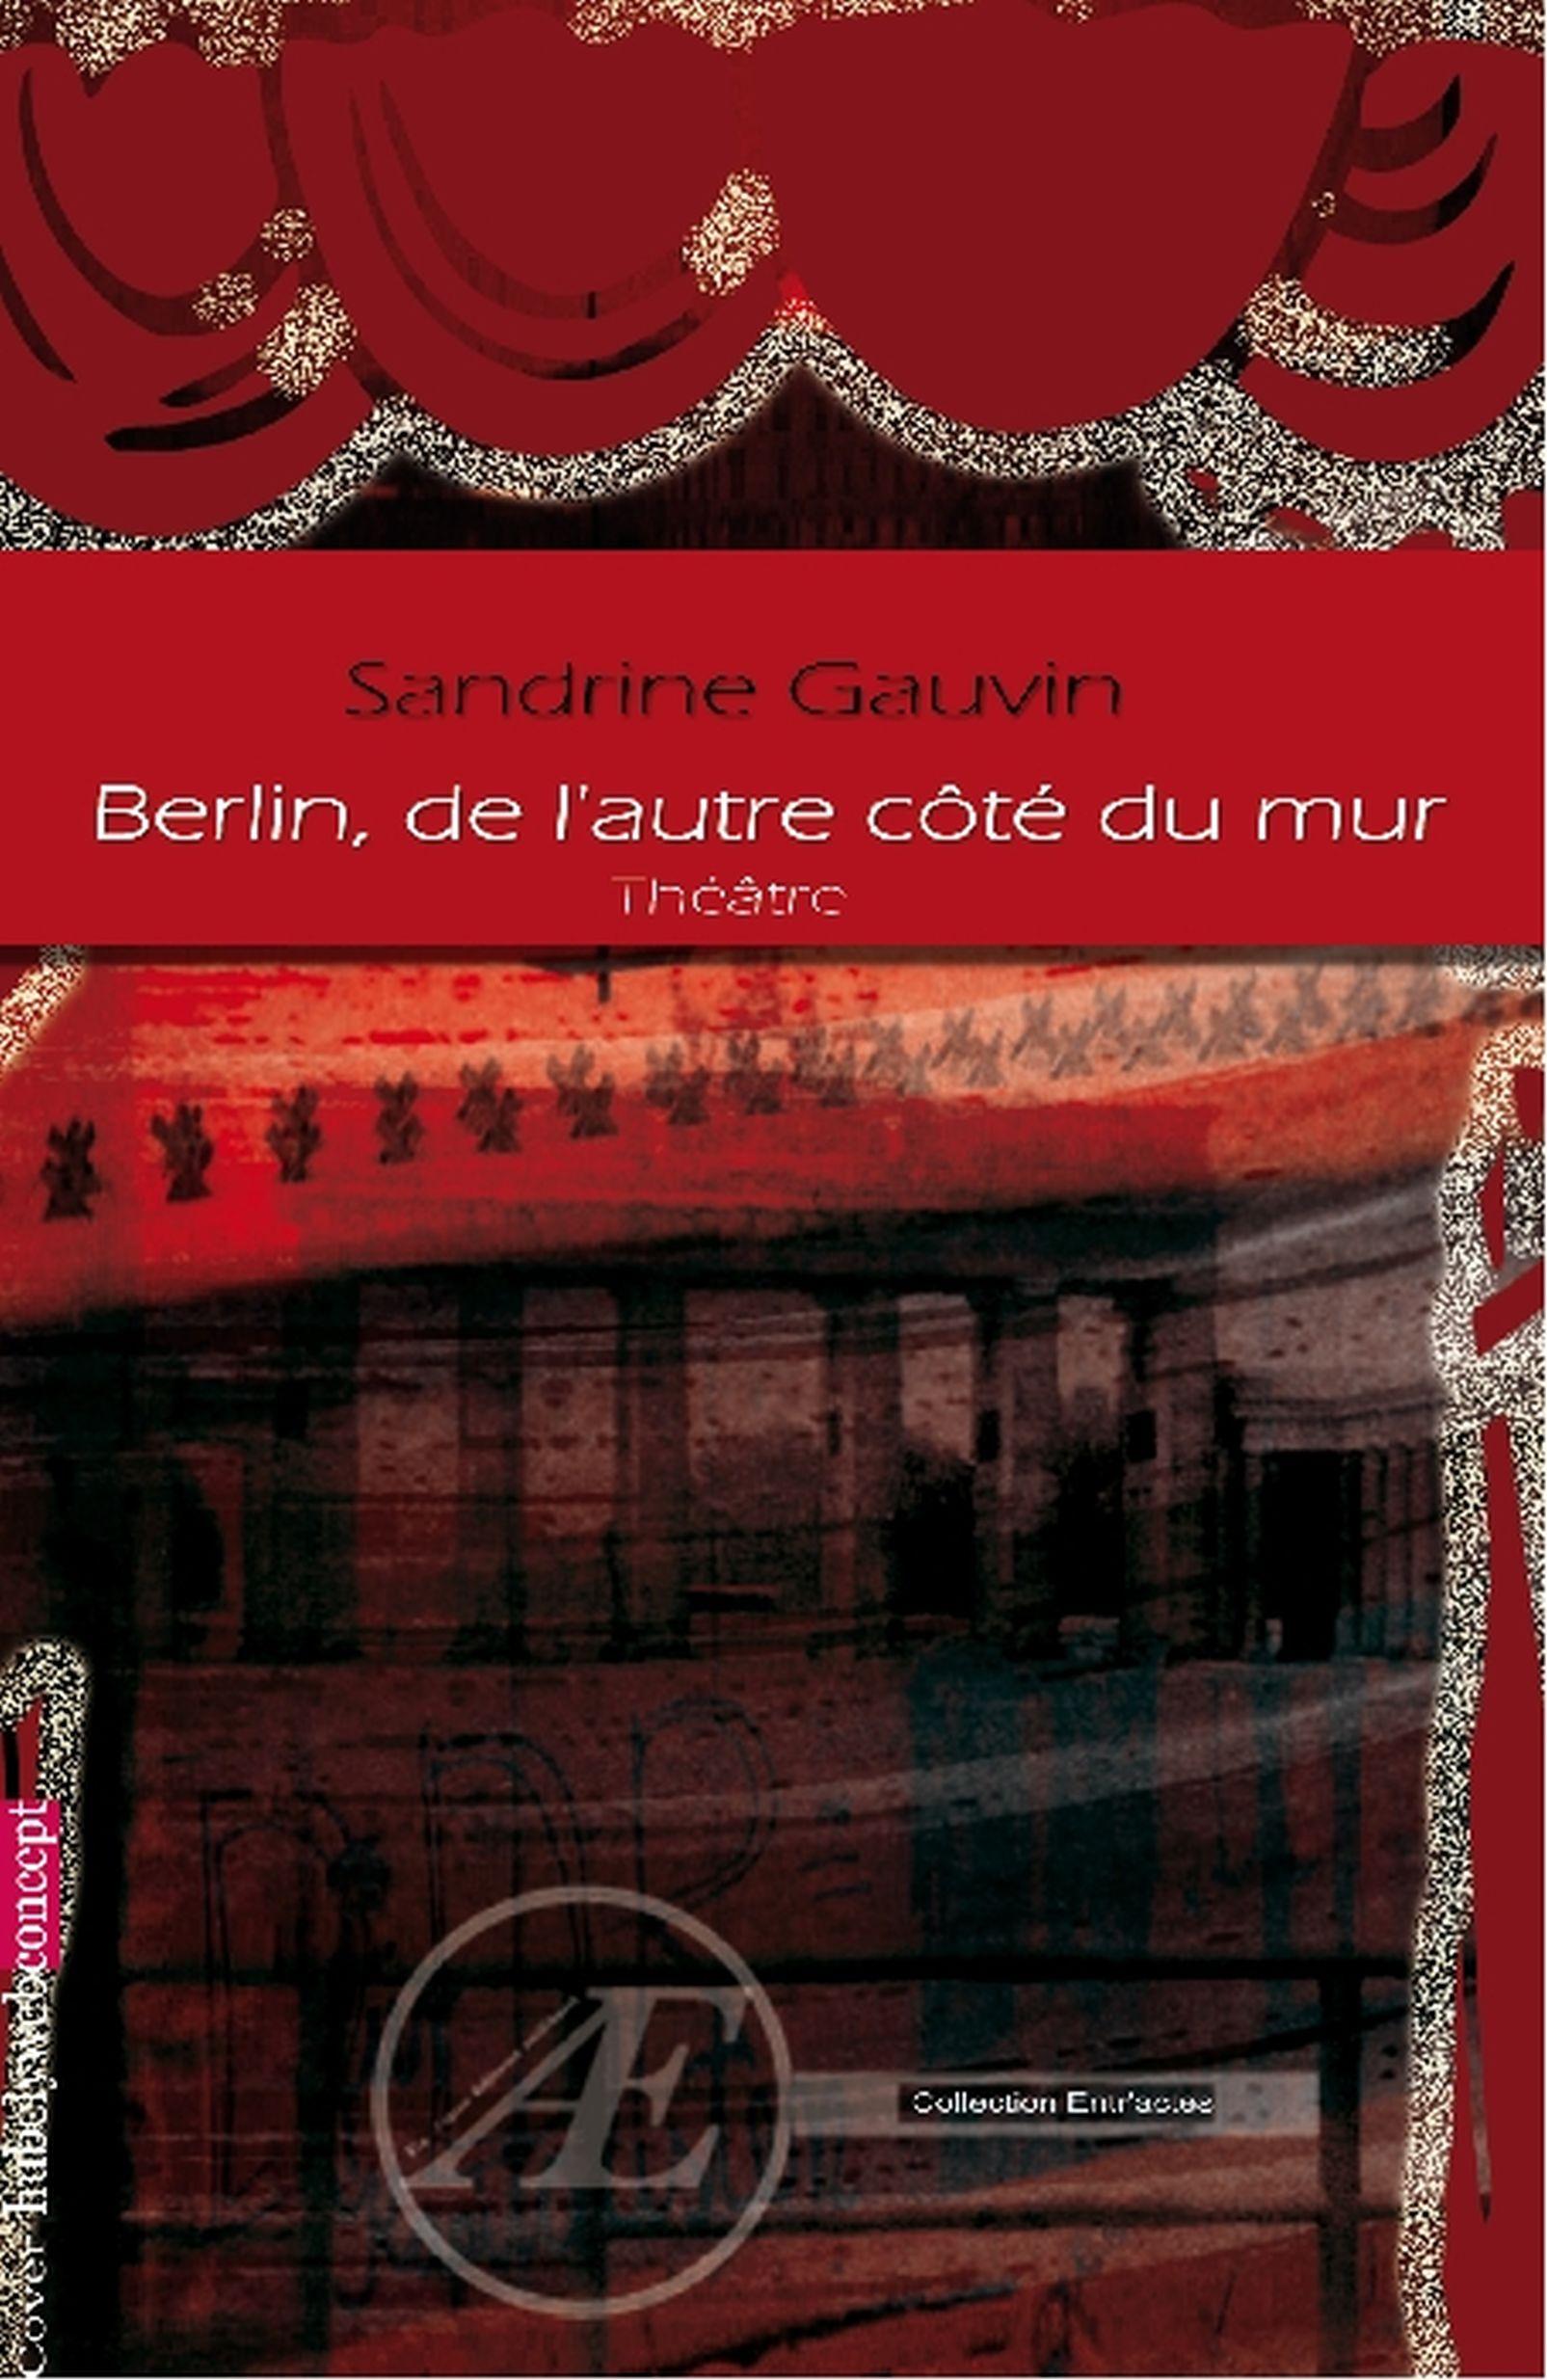 Berlin, de l'autre côté du mur